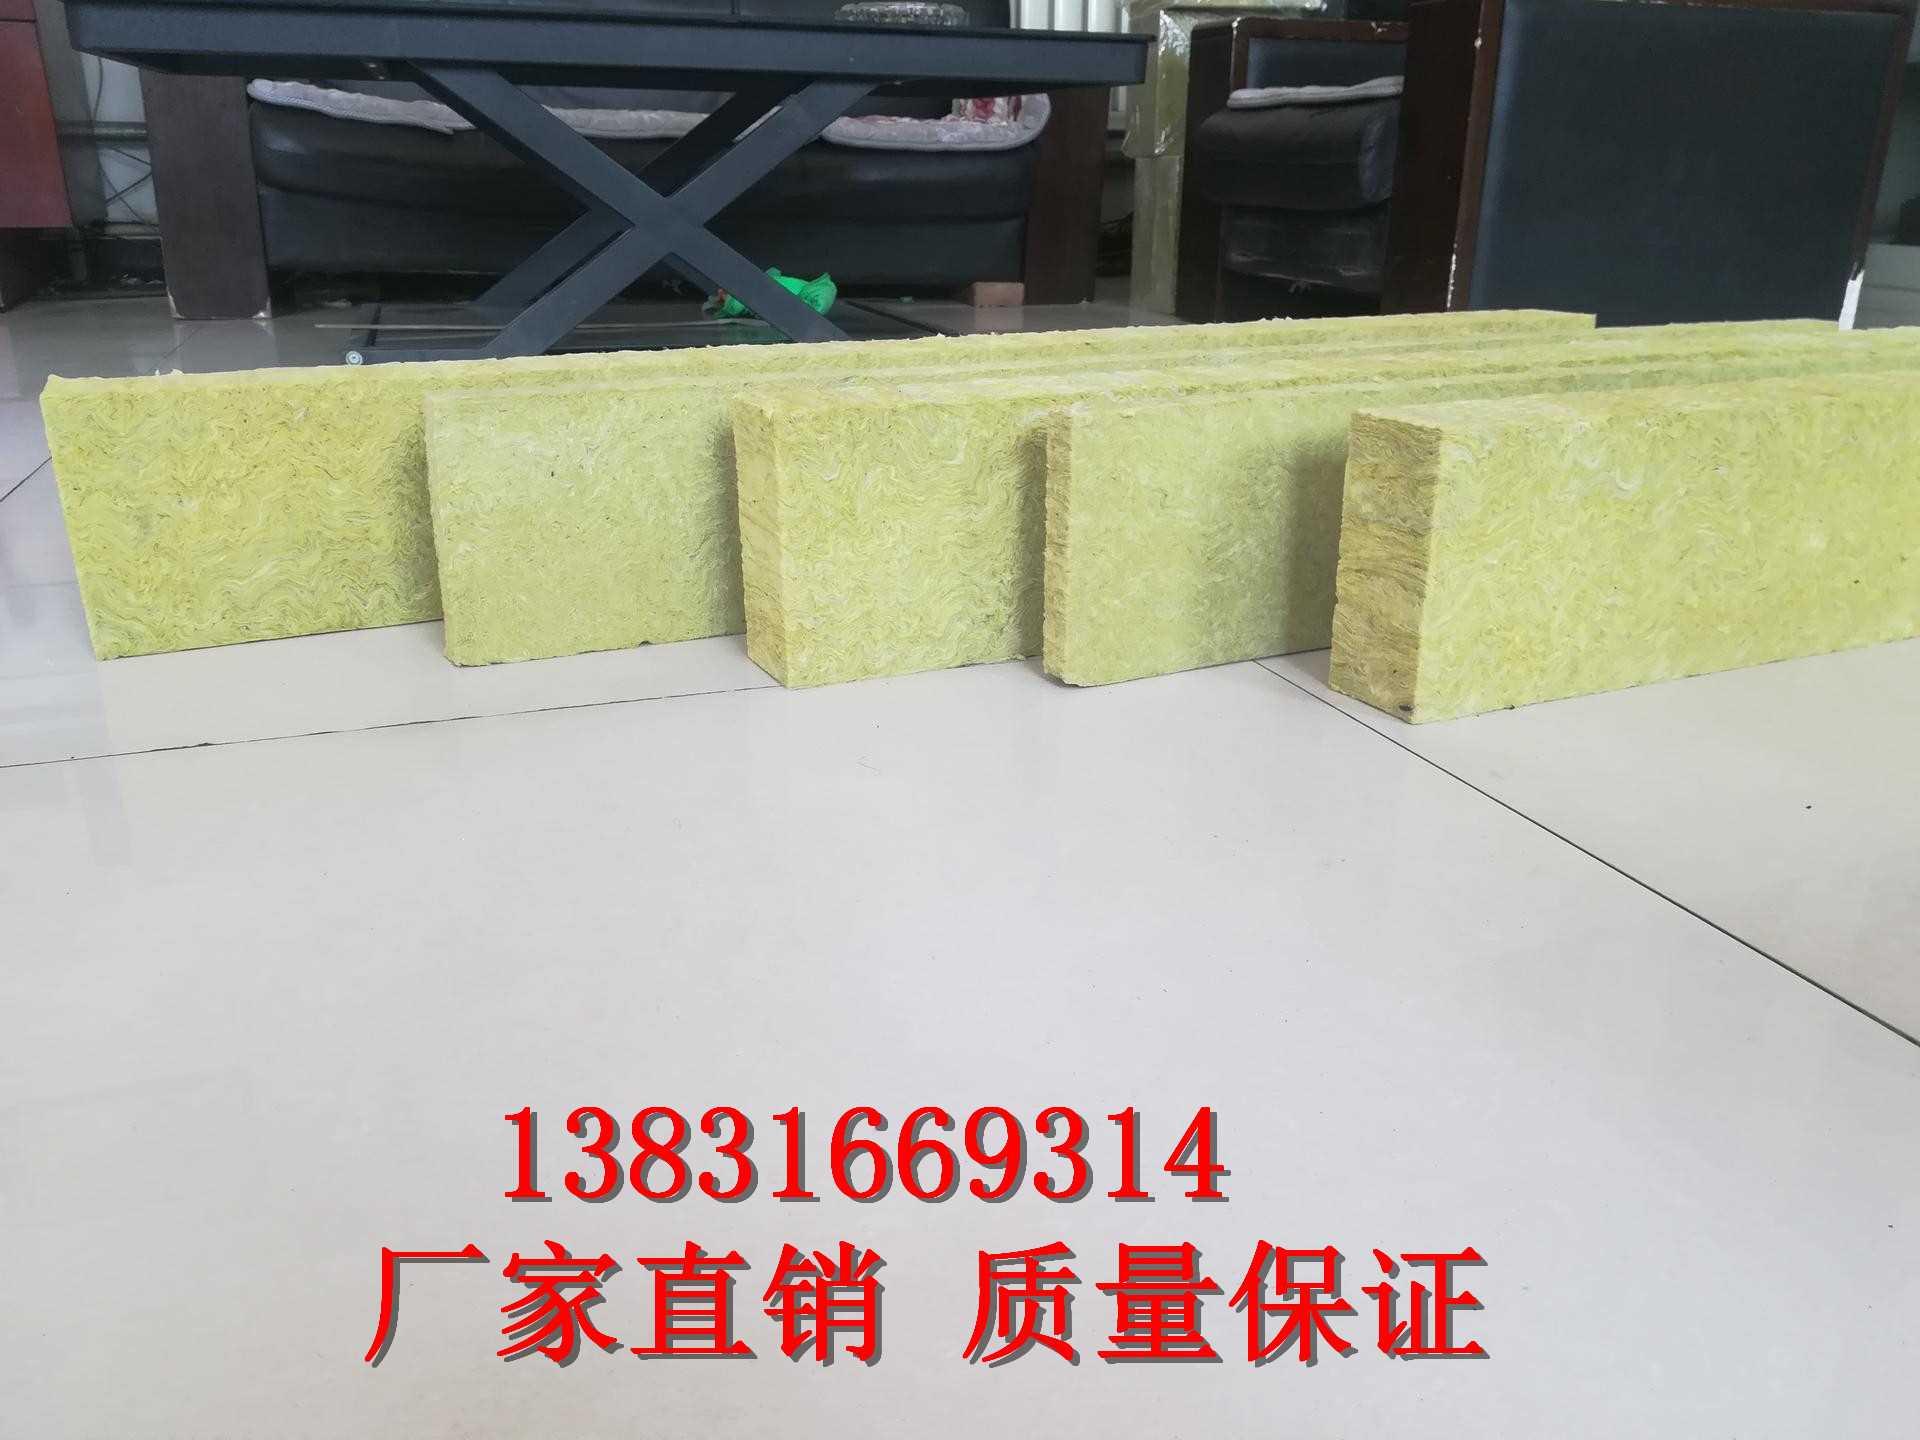 专业生产120公斤幕墙绝热高密度岩棉板